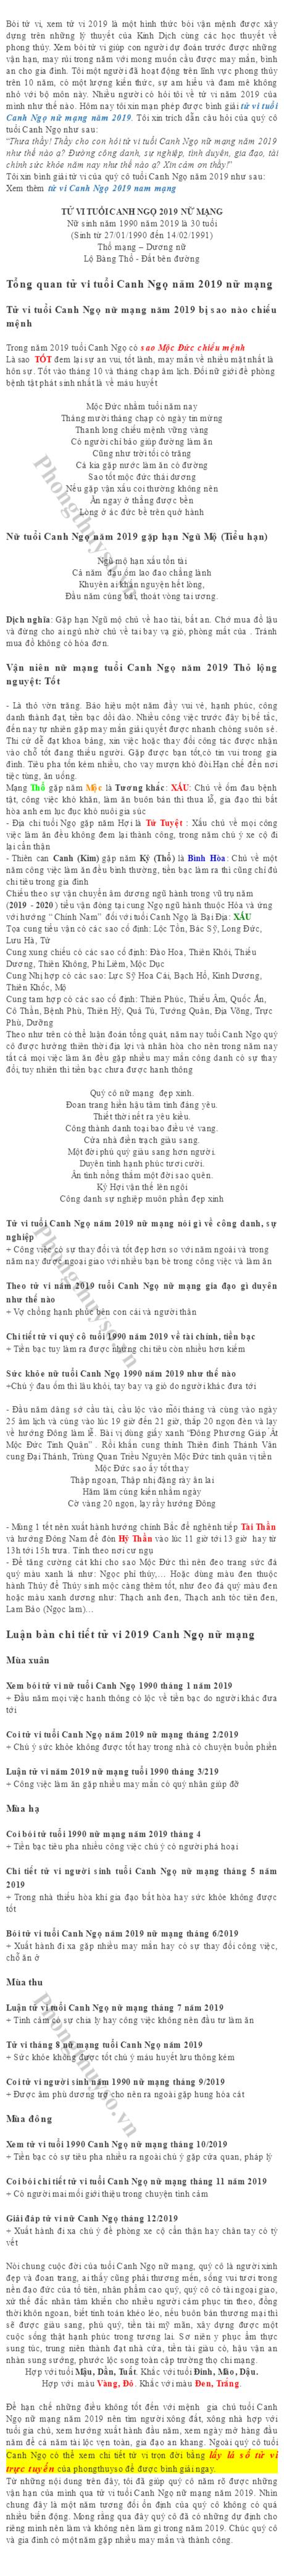 tu-vi-tuoi-canh-ngo-nam-2019-nu-mang